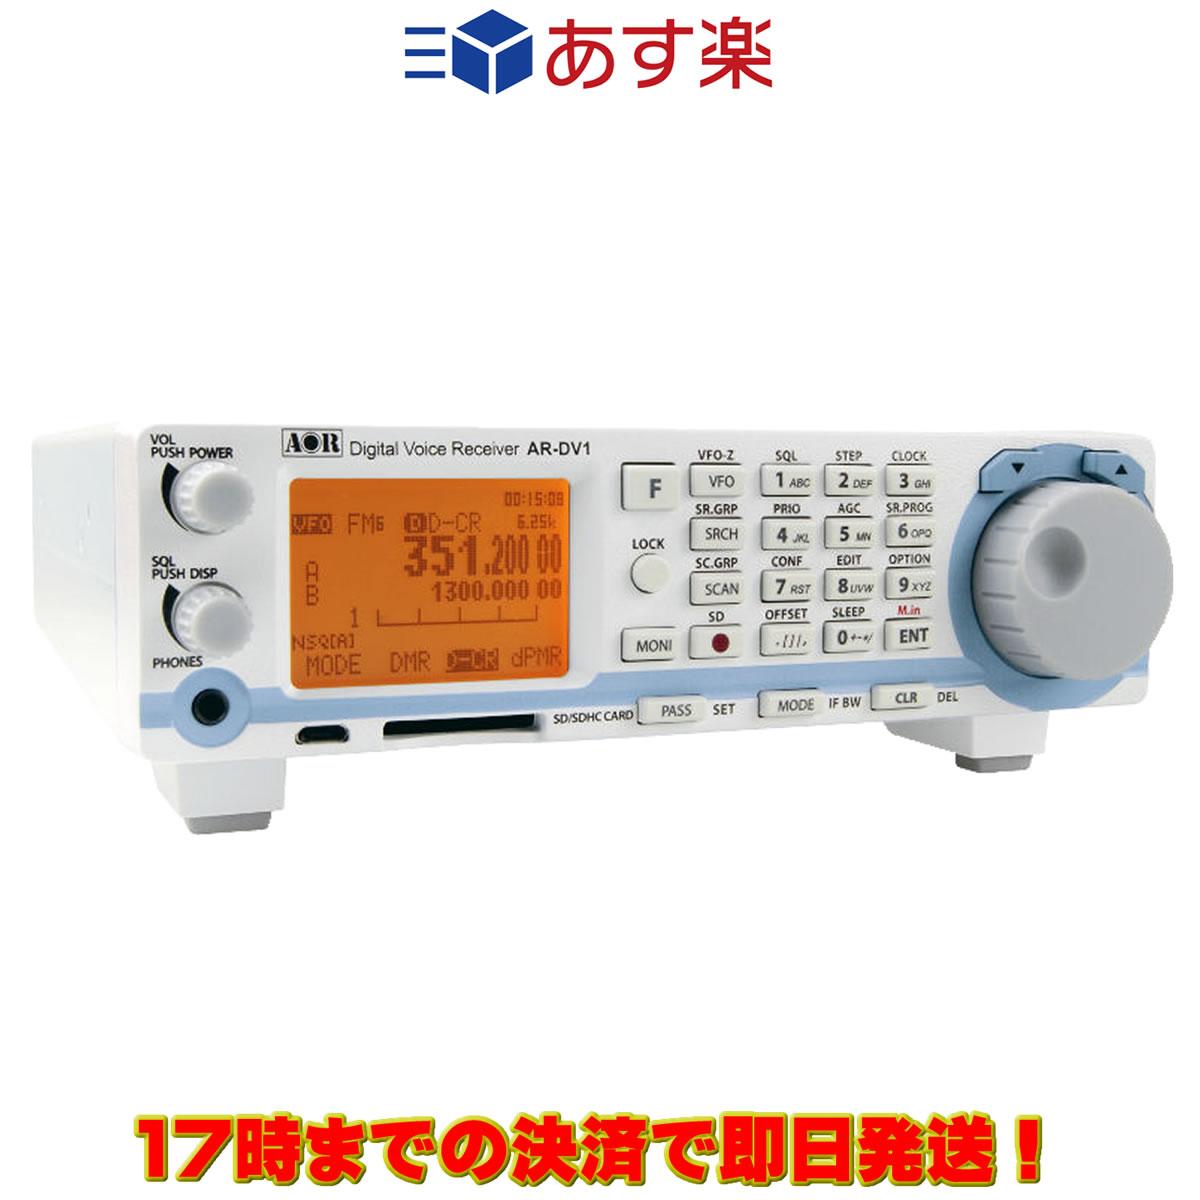 【ラッキーシール対応】 AR-DV1 エーオーアール SDRデジタル受信機 デジタルボイスレシーバー